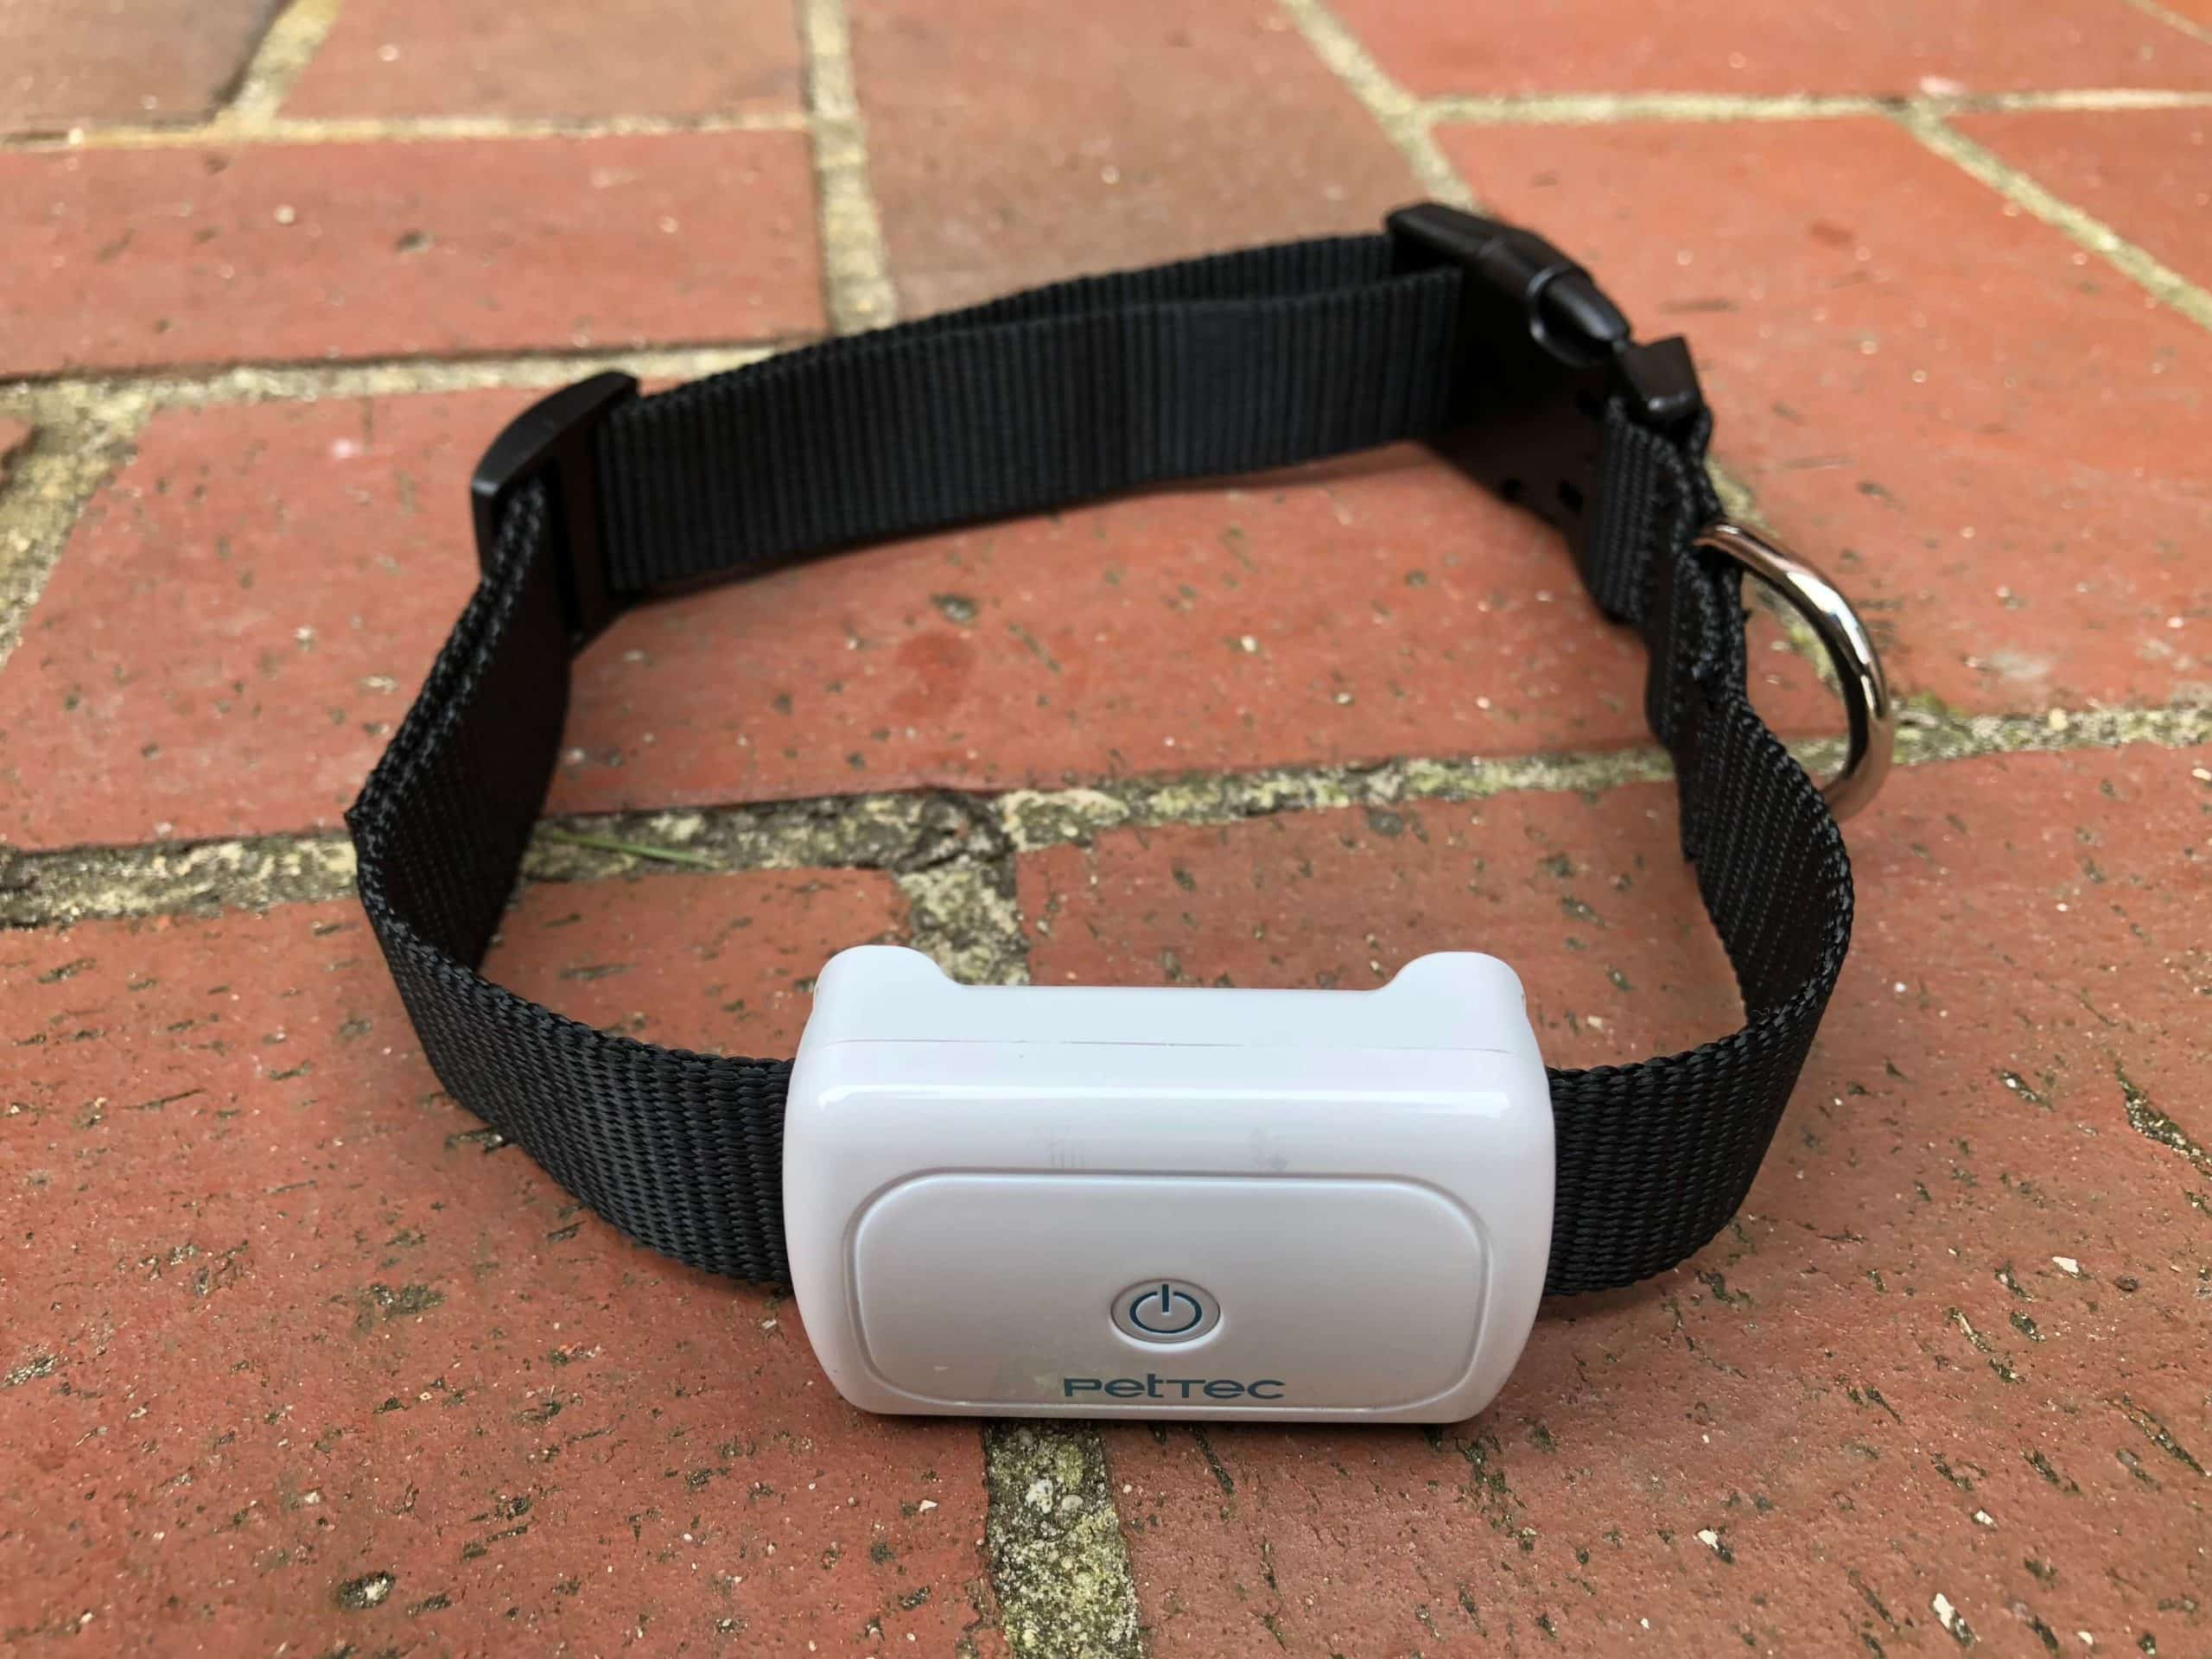 PetTec GPS Tracker an das Halsband montiert